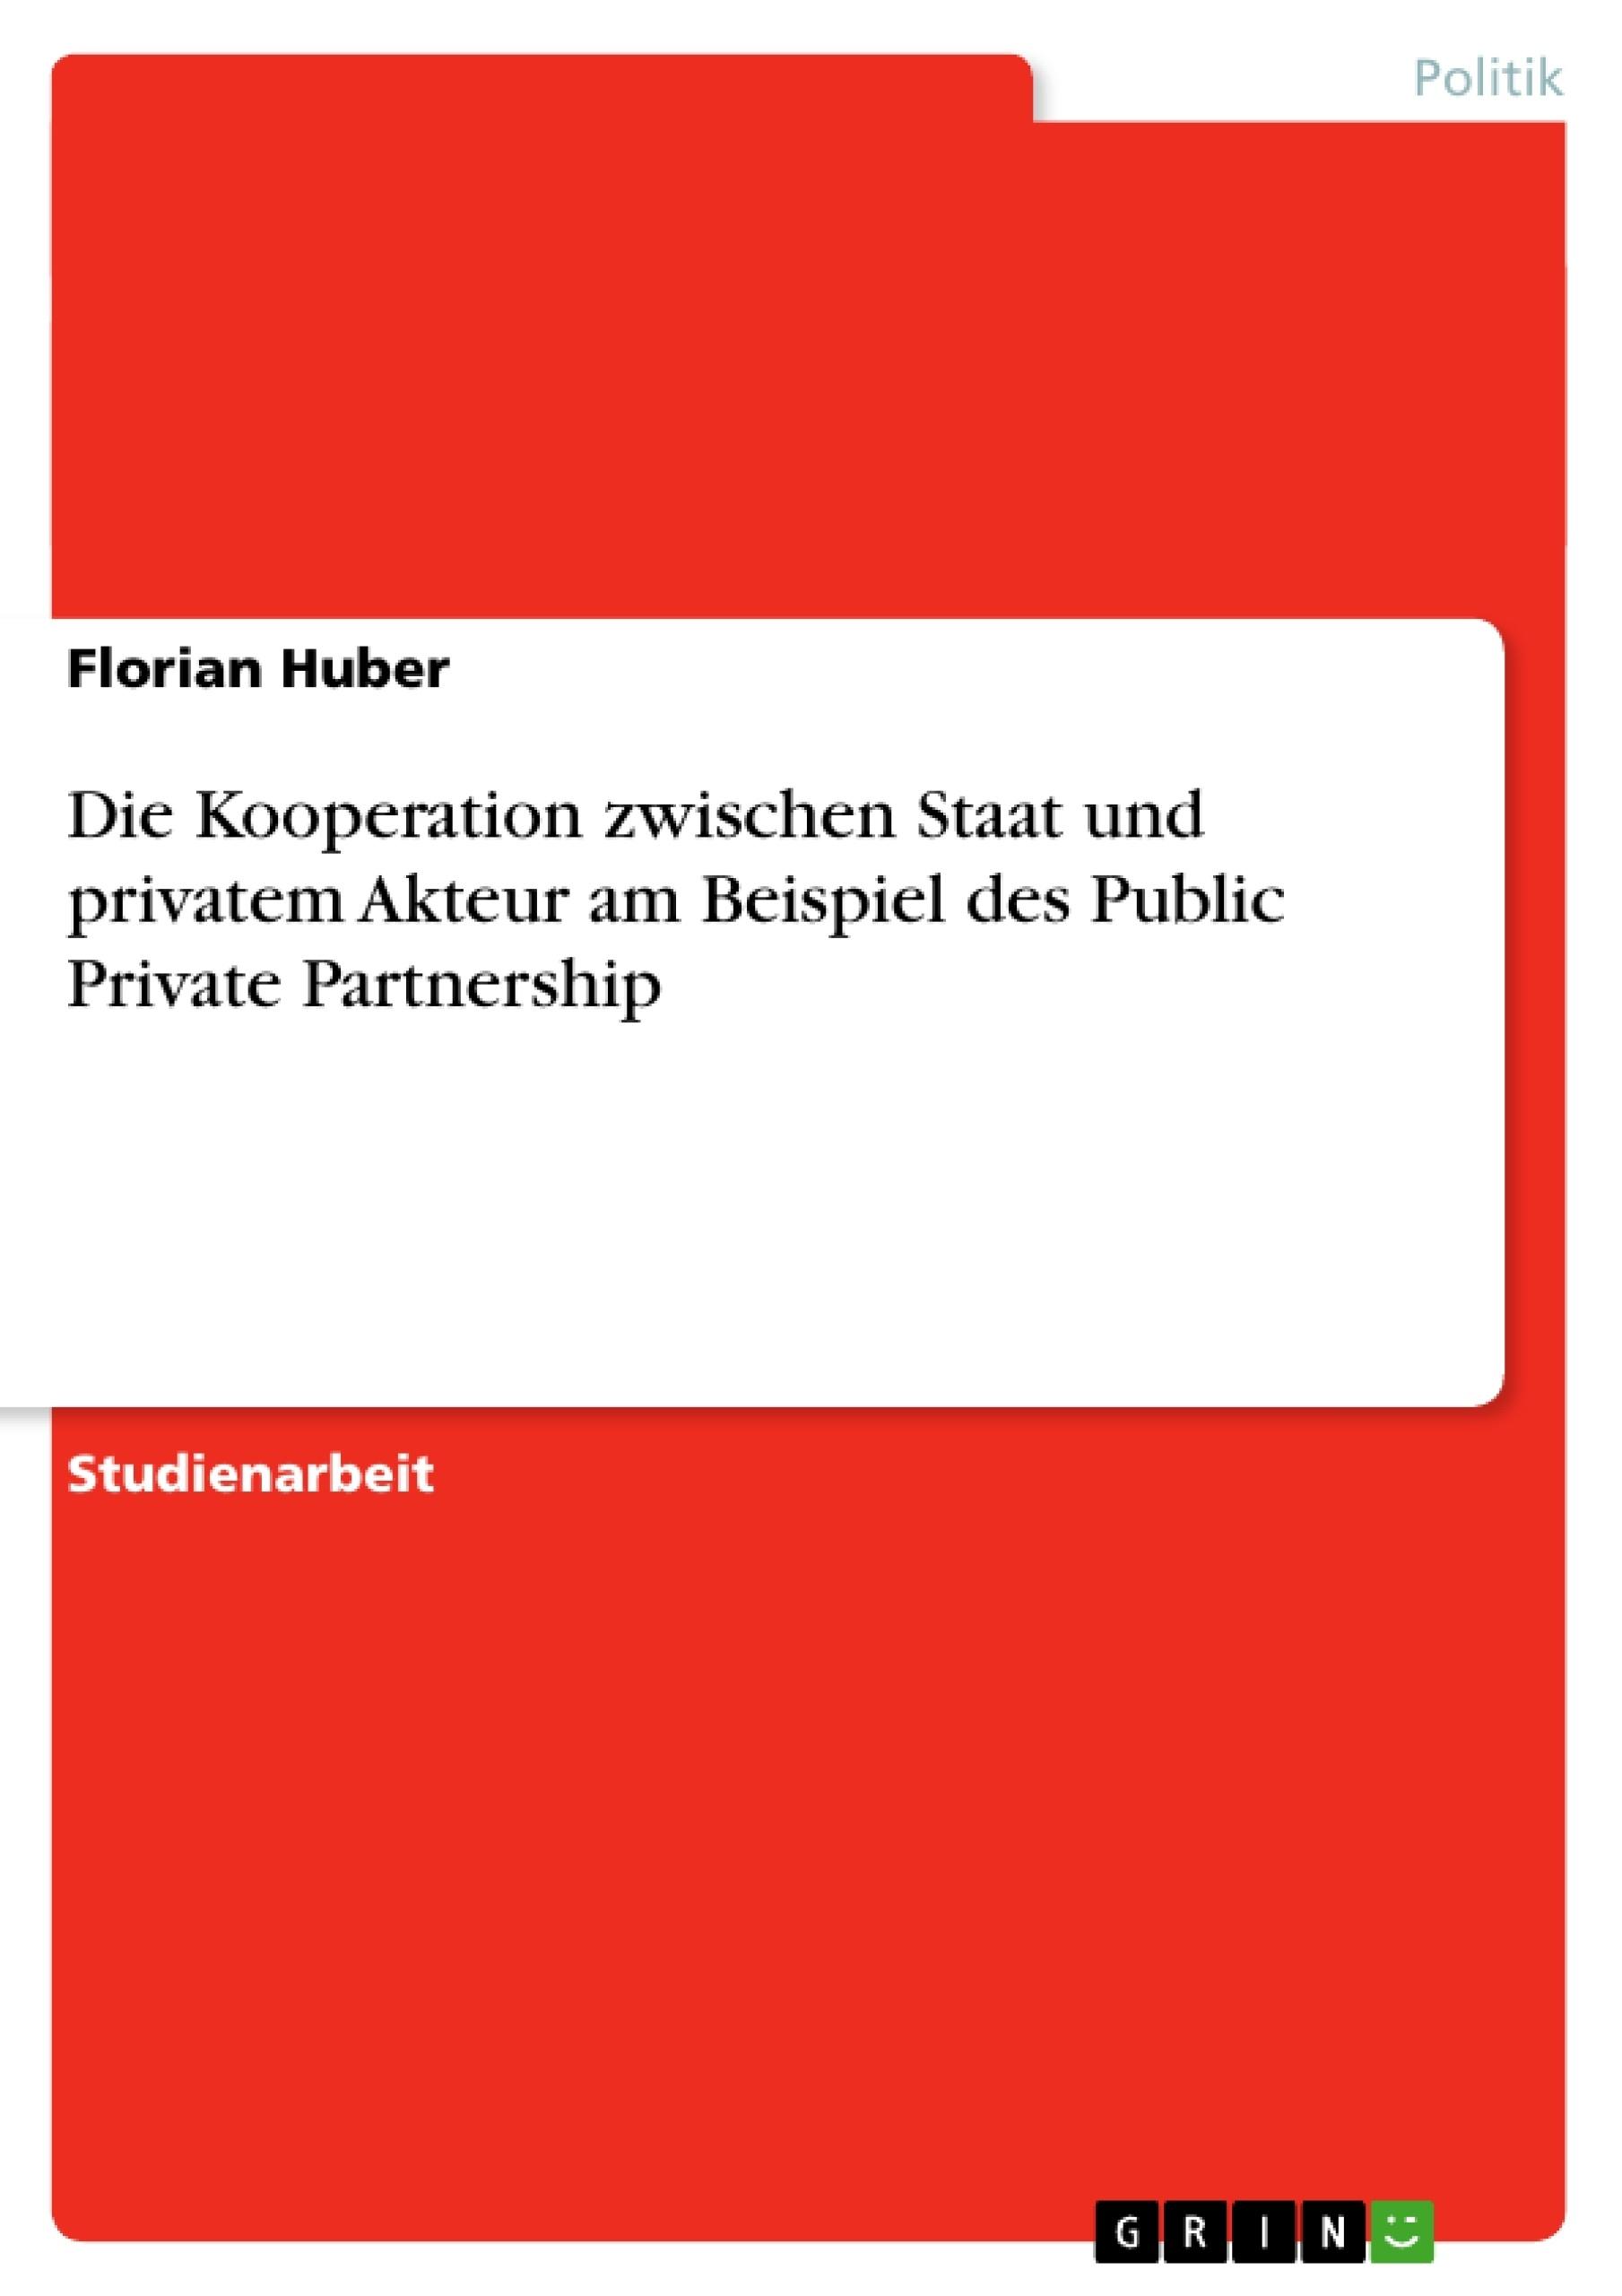 Titel: Die Kooperation zwischen Staat und privatem Akteur am Beispiel des Public Private Partnership